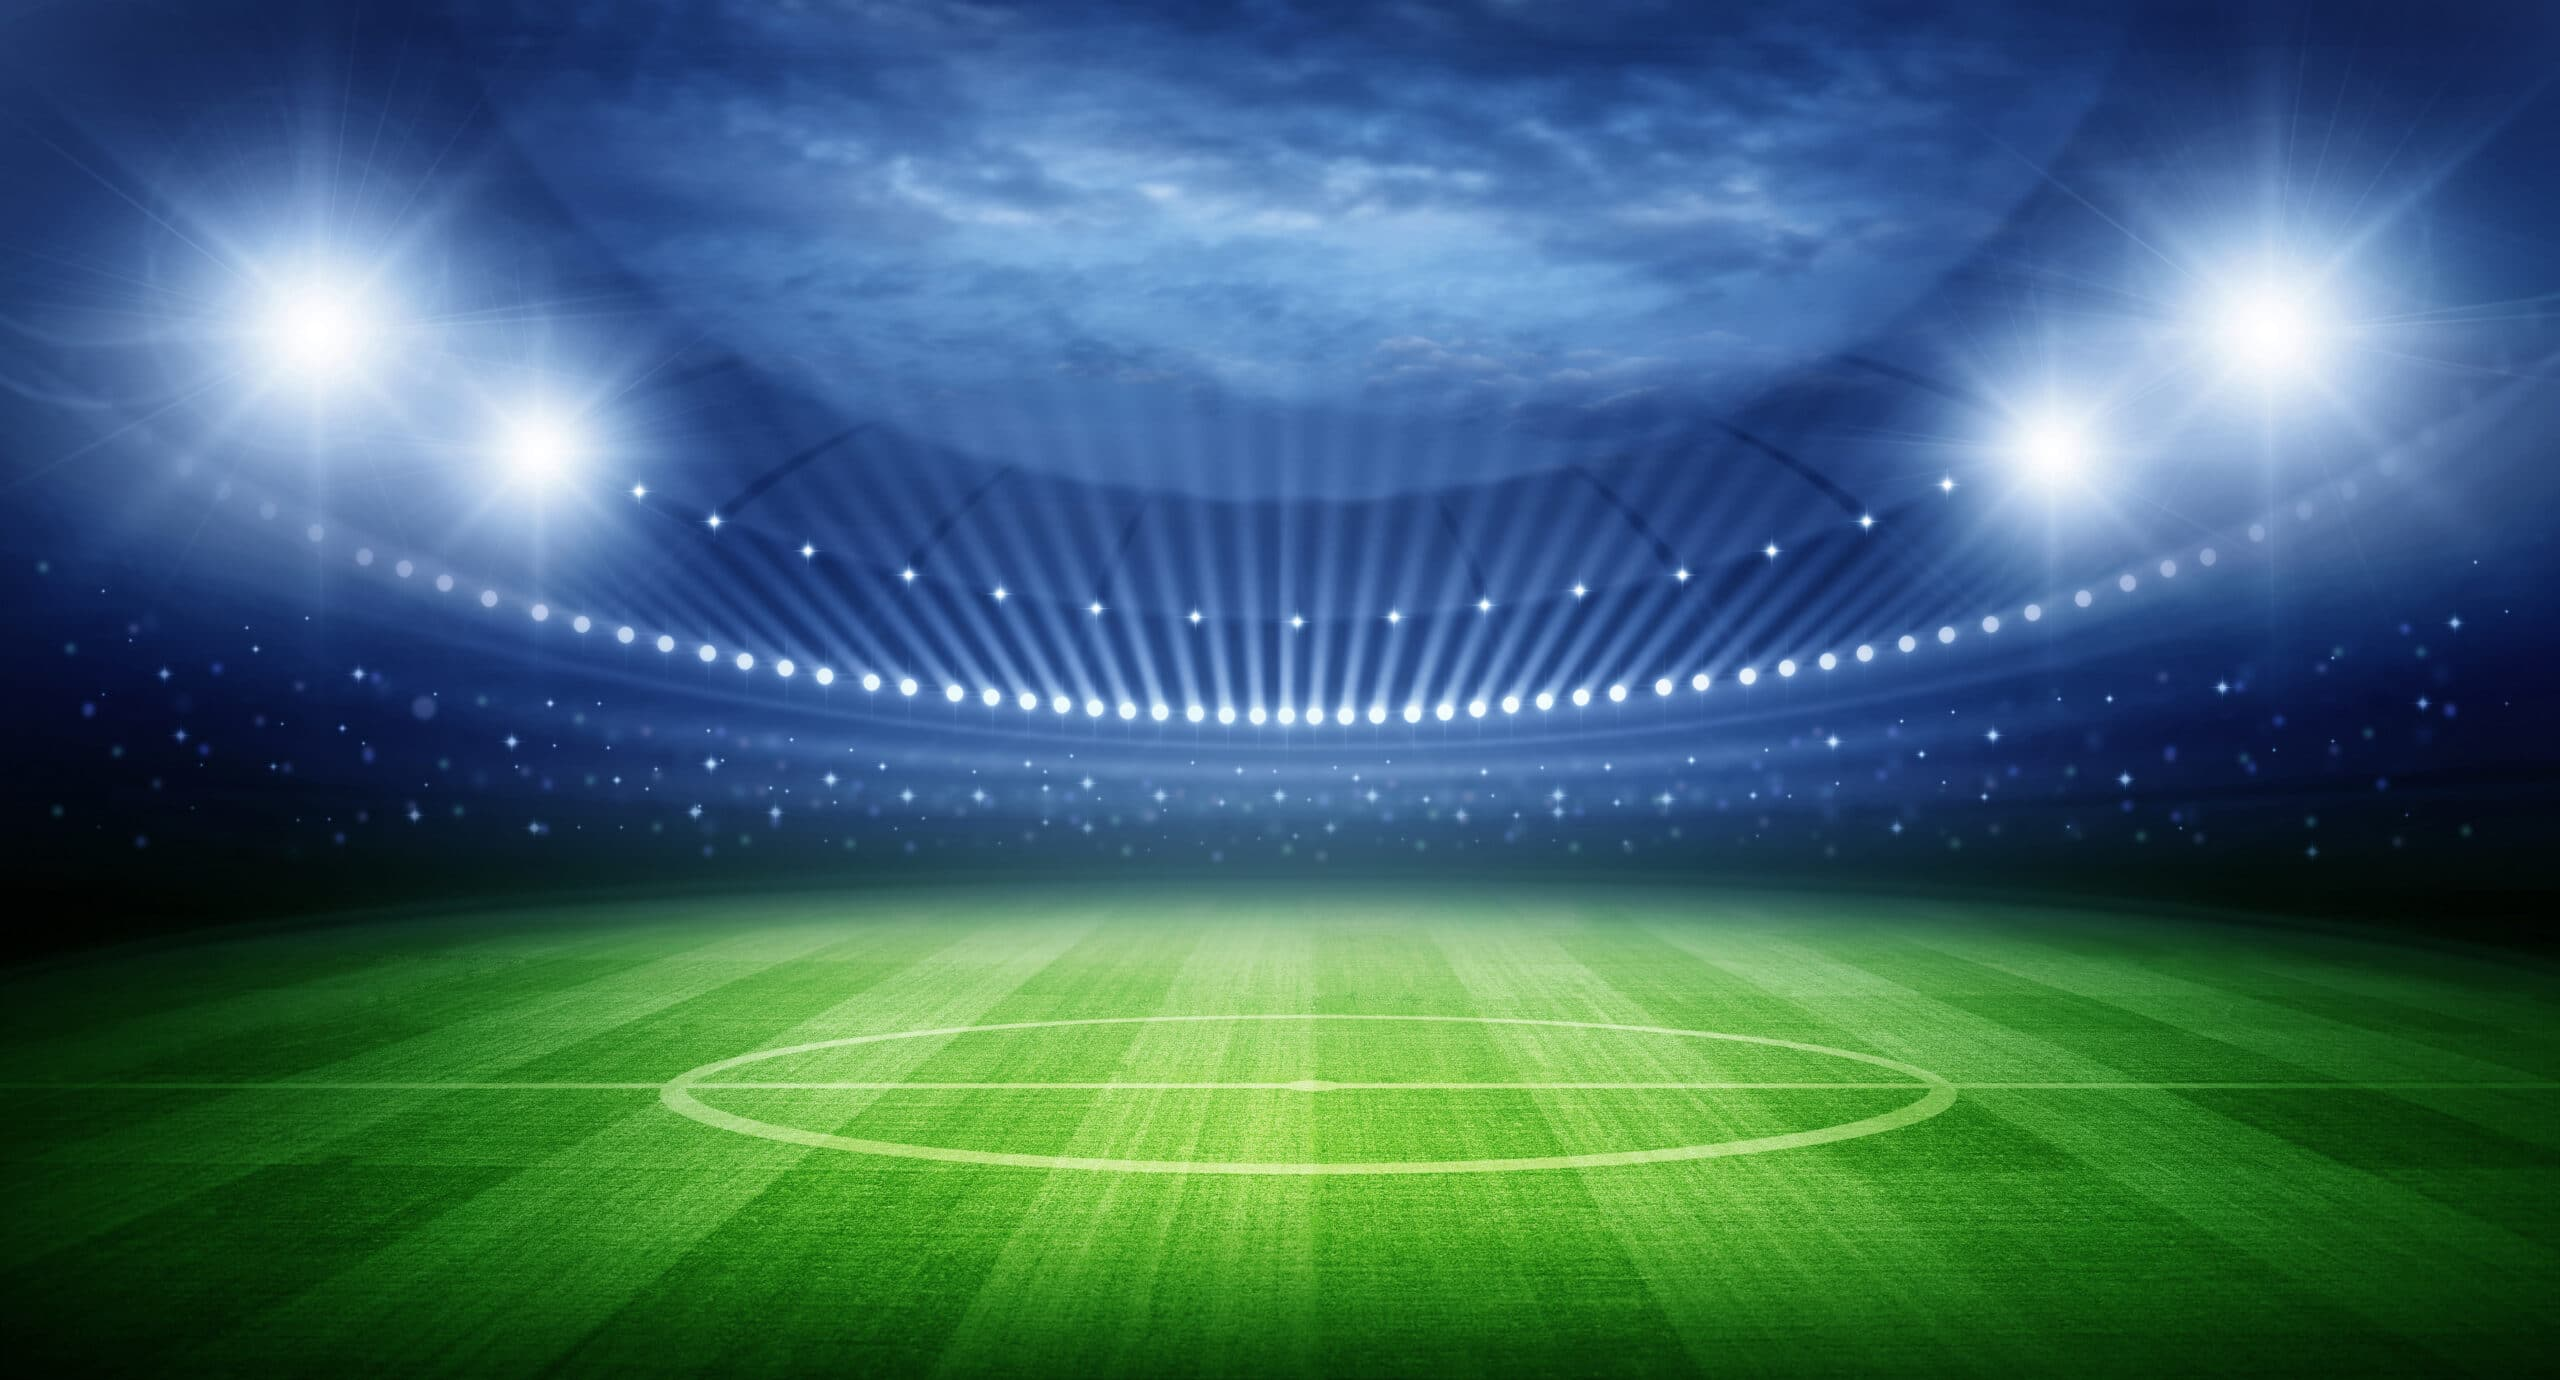 Italia - Inghilterra: dove vedere la finale degli europei di calcio thumbnail